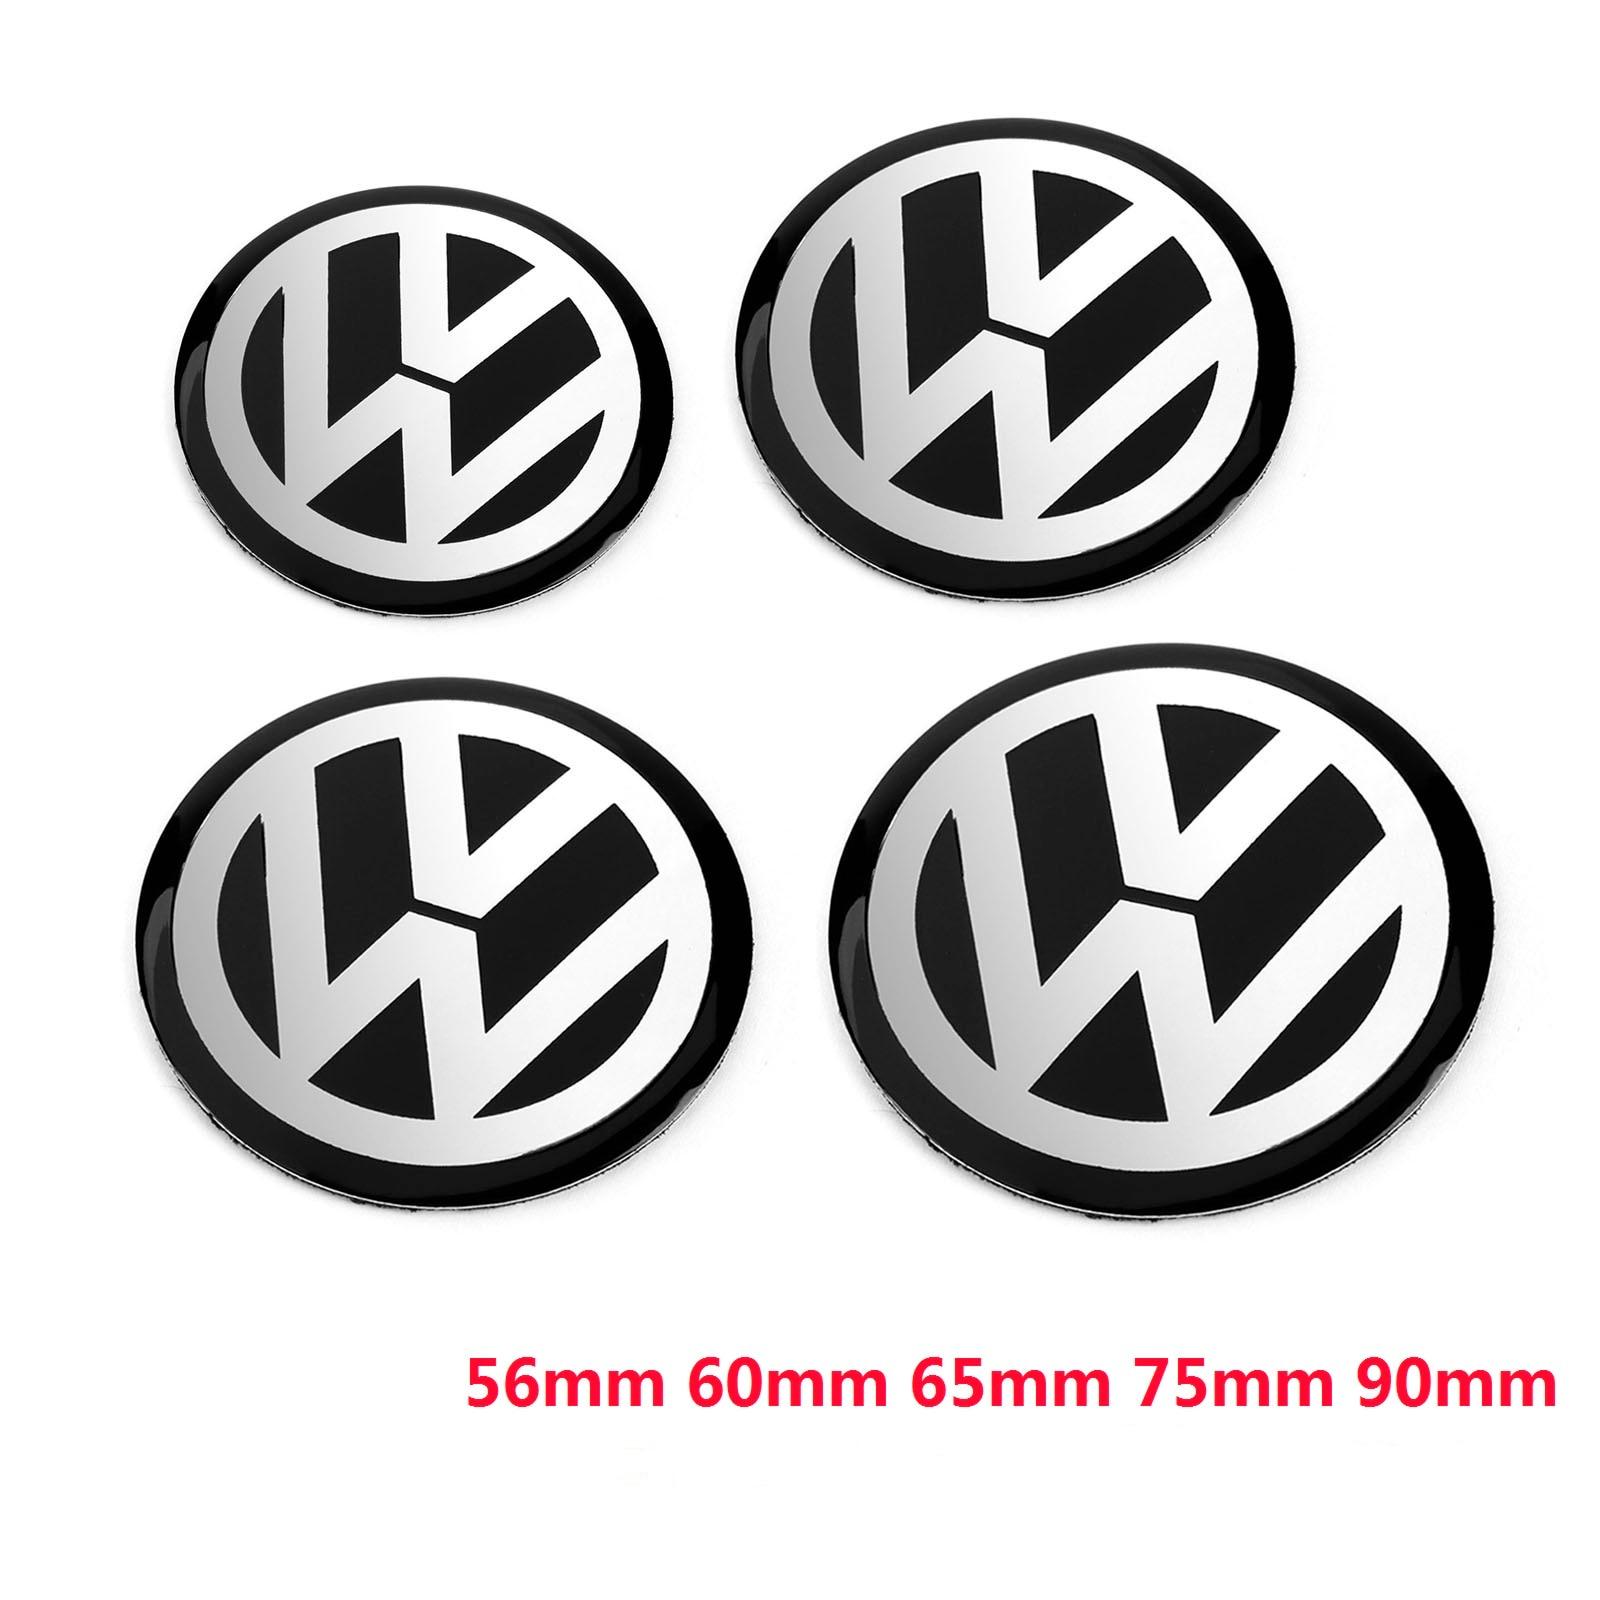 4 sztuk 56mm 60mm 65mm 75mm 90mm czarny osłona na koło samochodu naszywka Logo naklejki z literami i cyframi koła naklejki stylizacji dla VW